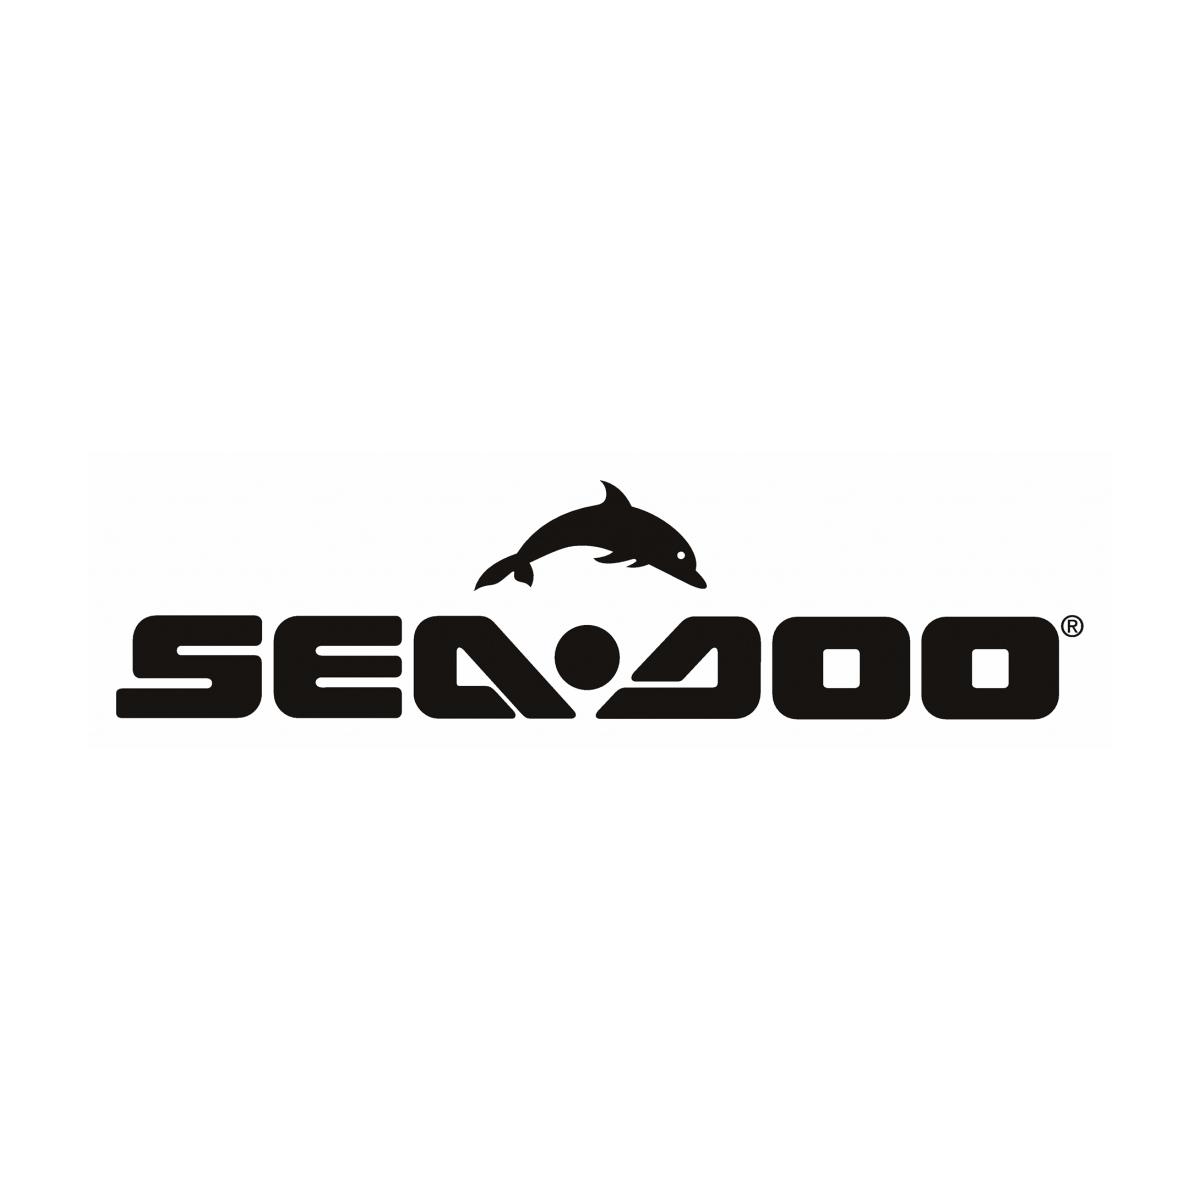 Bucha do Reverso Para Jet Ski Sea Doo 4 Tempos  - Radical Peças - Peças para Jet Ski